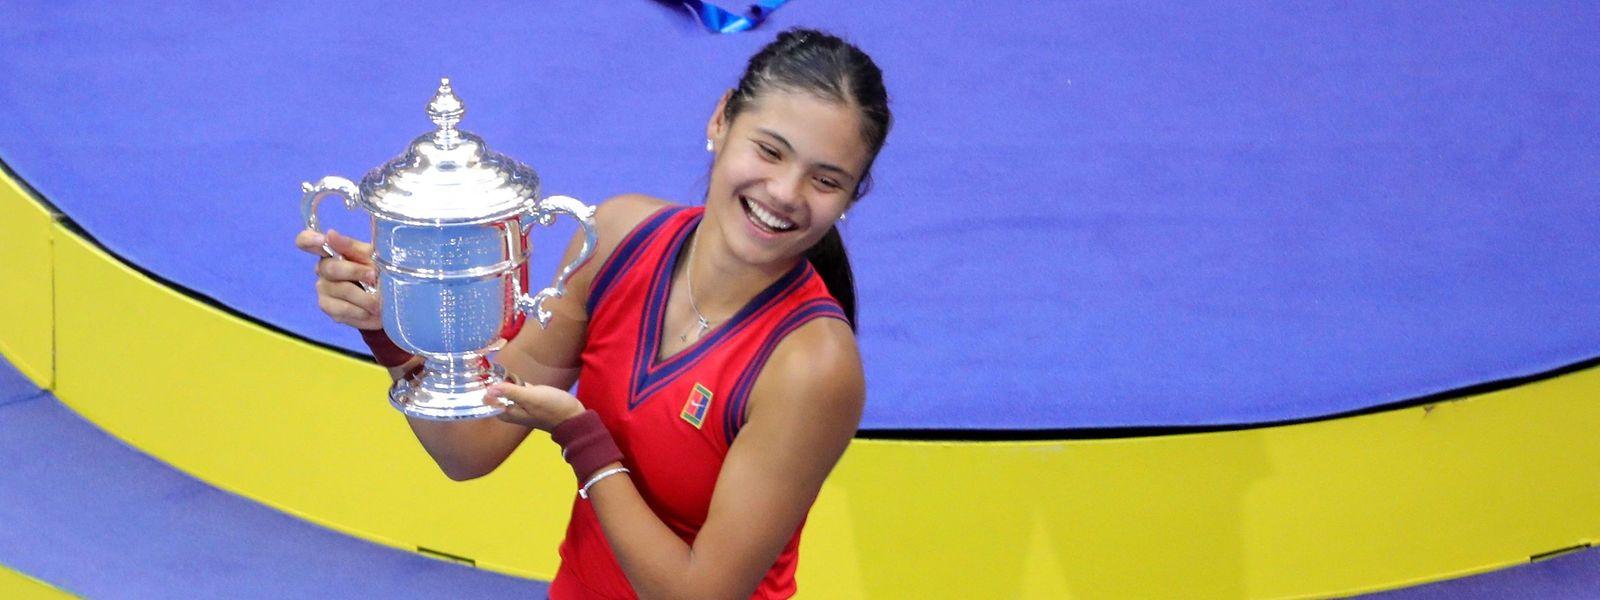 Emma Raducanumit der Trophäe der US Open.